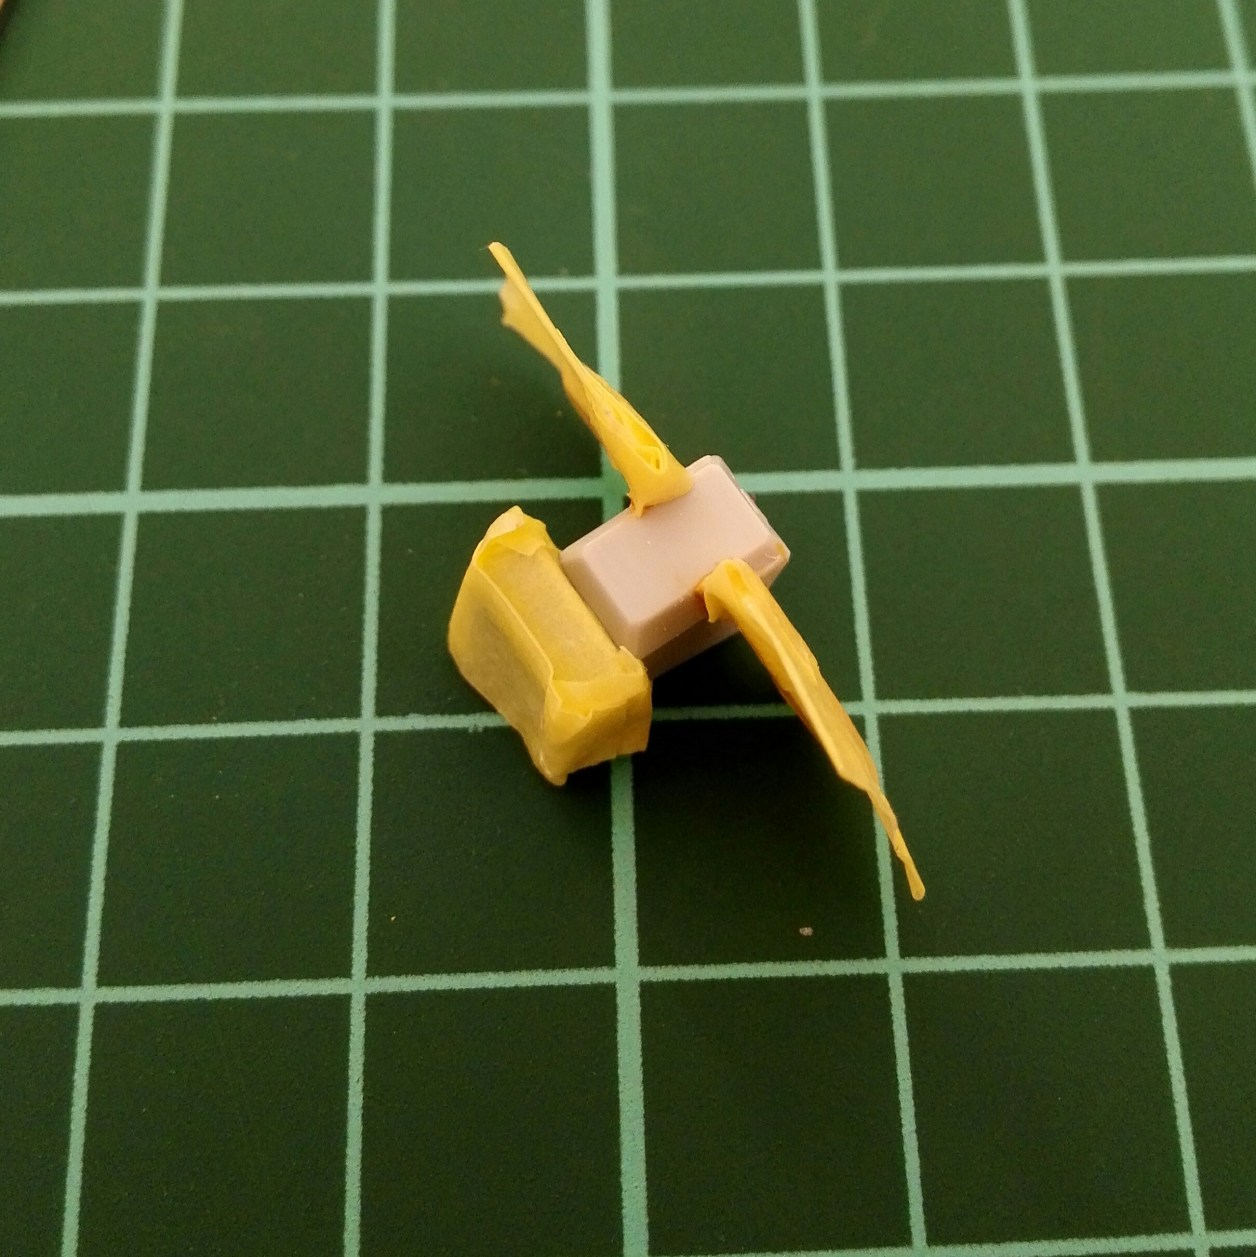 ヘイズルアウスラの胸部ユニットを構成するfg緊急脱出ポッド[プリムローズ]の制作記録におけるガンダムマーカーエアブラシシステムで塗装を行っている画像